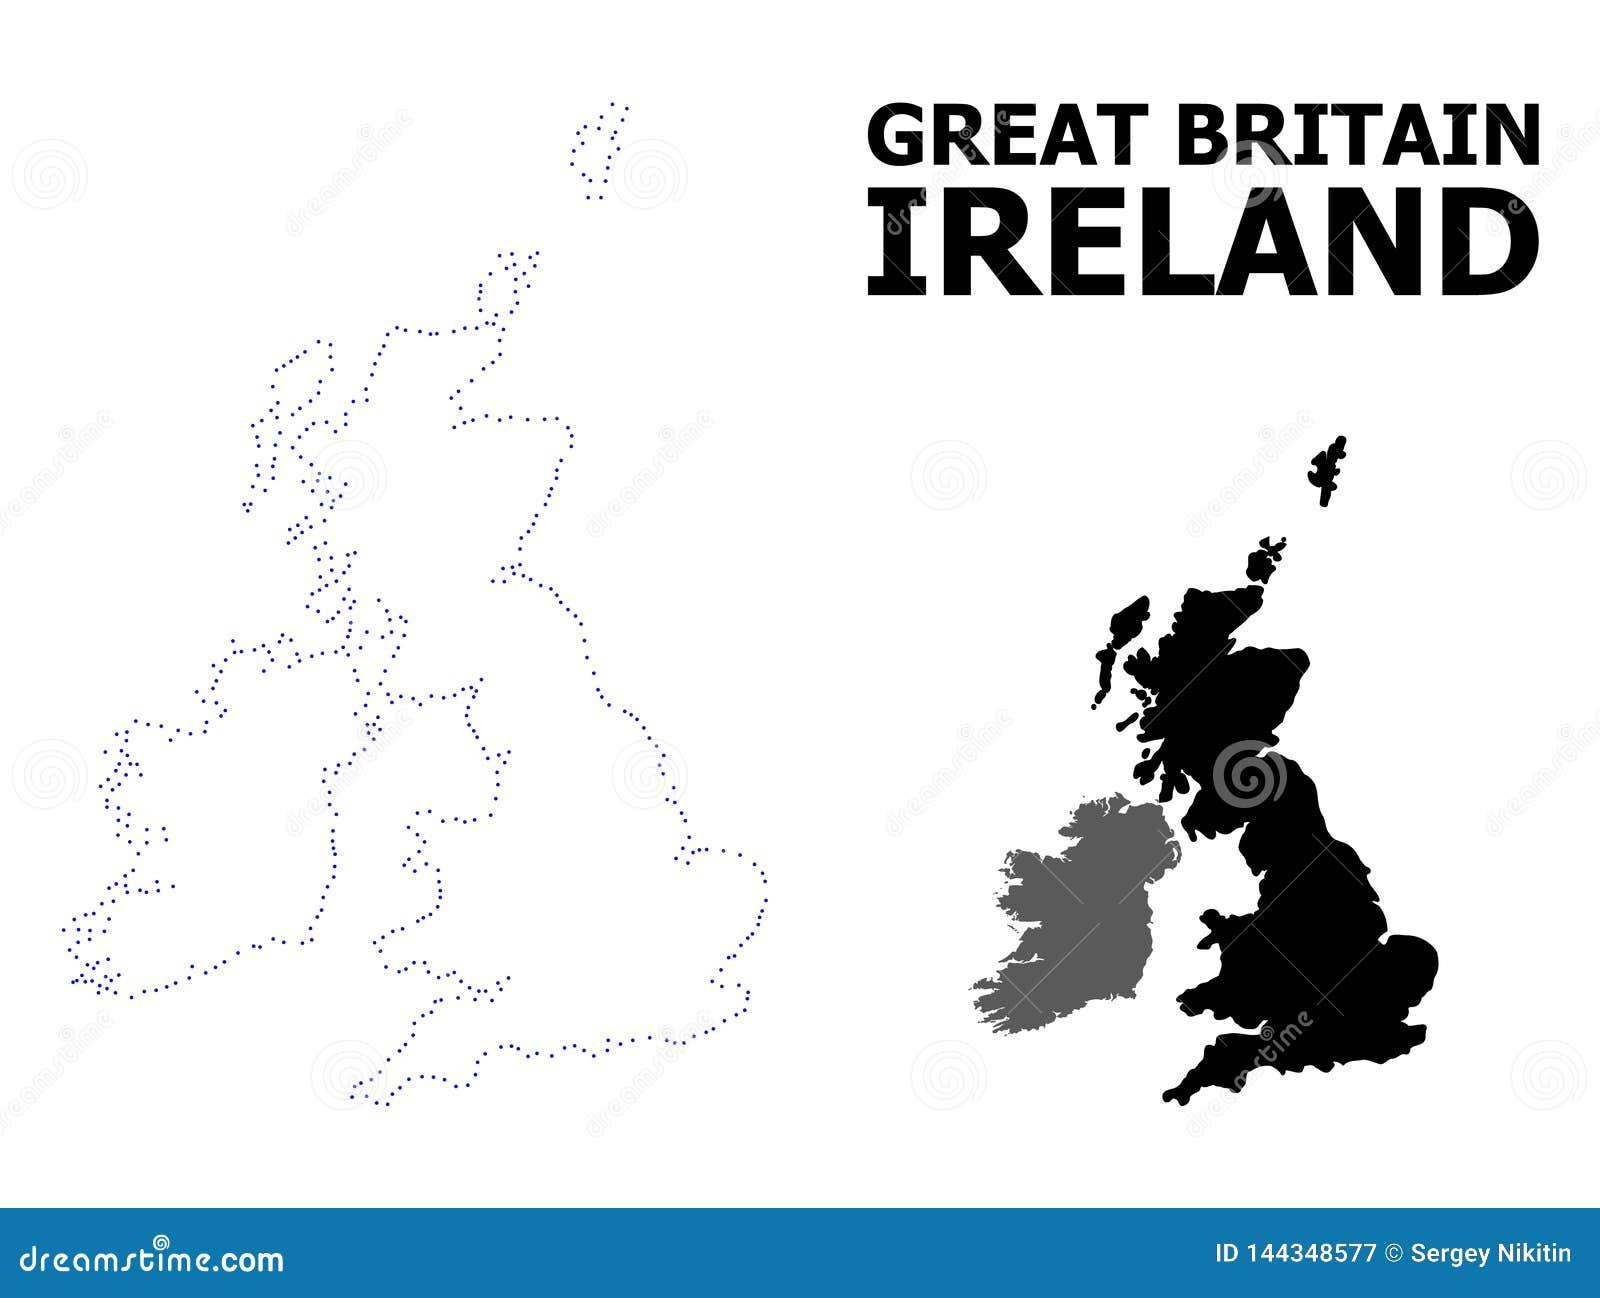 Διανυσματικός διαστιγμένος περίγραμμα χάρτης της Μεγάλης Βρετανίας και της Ιρλανδίας με τον τίτλο